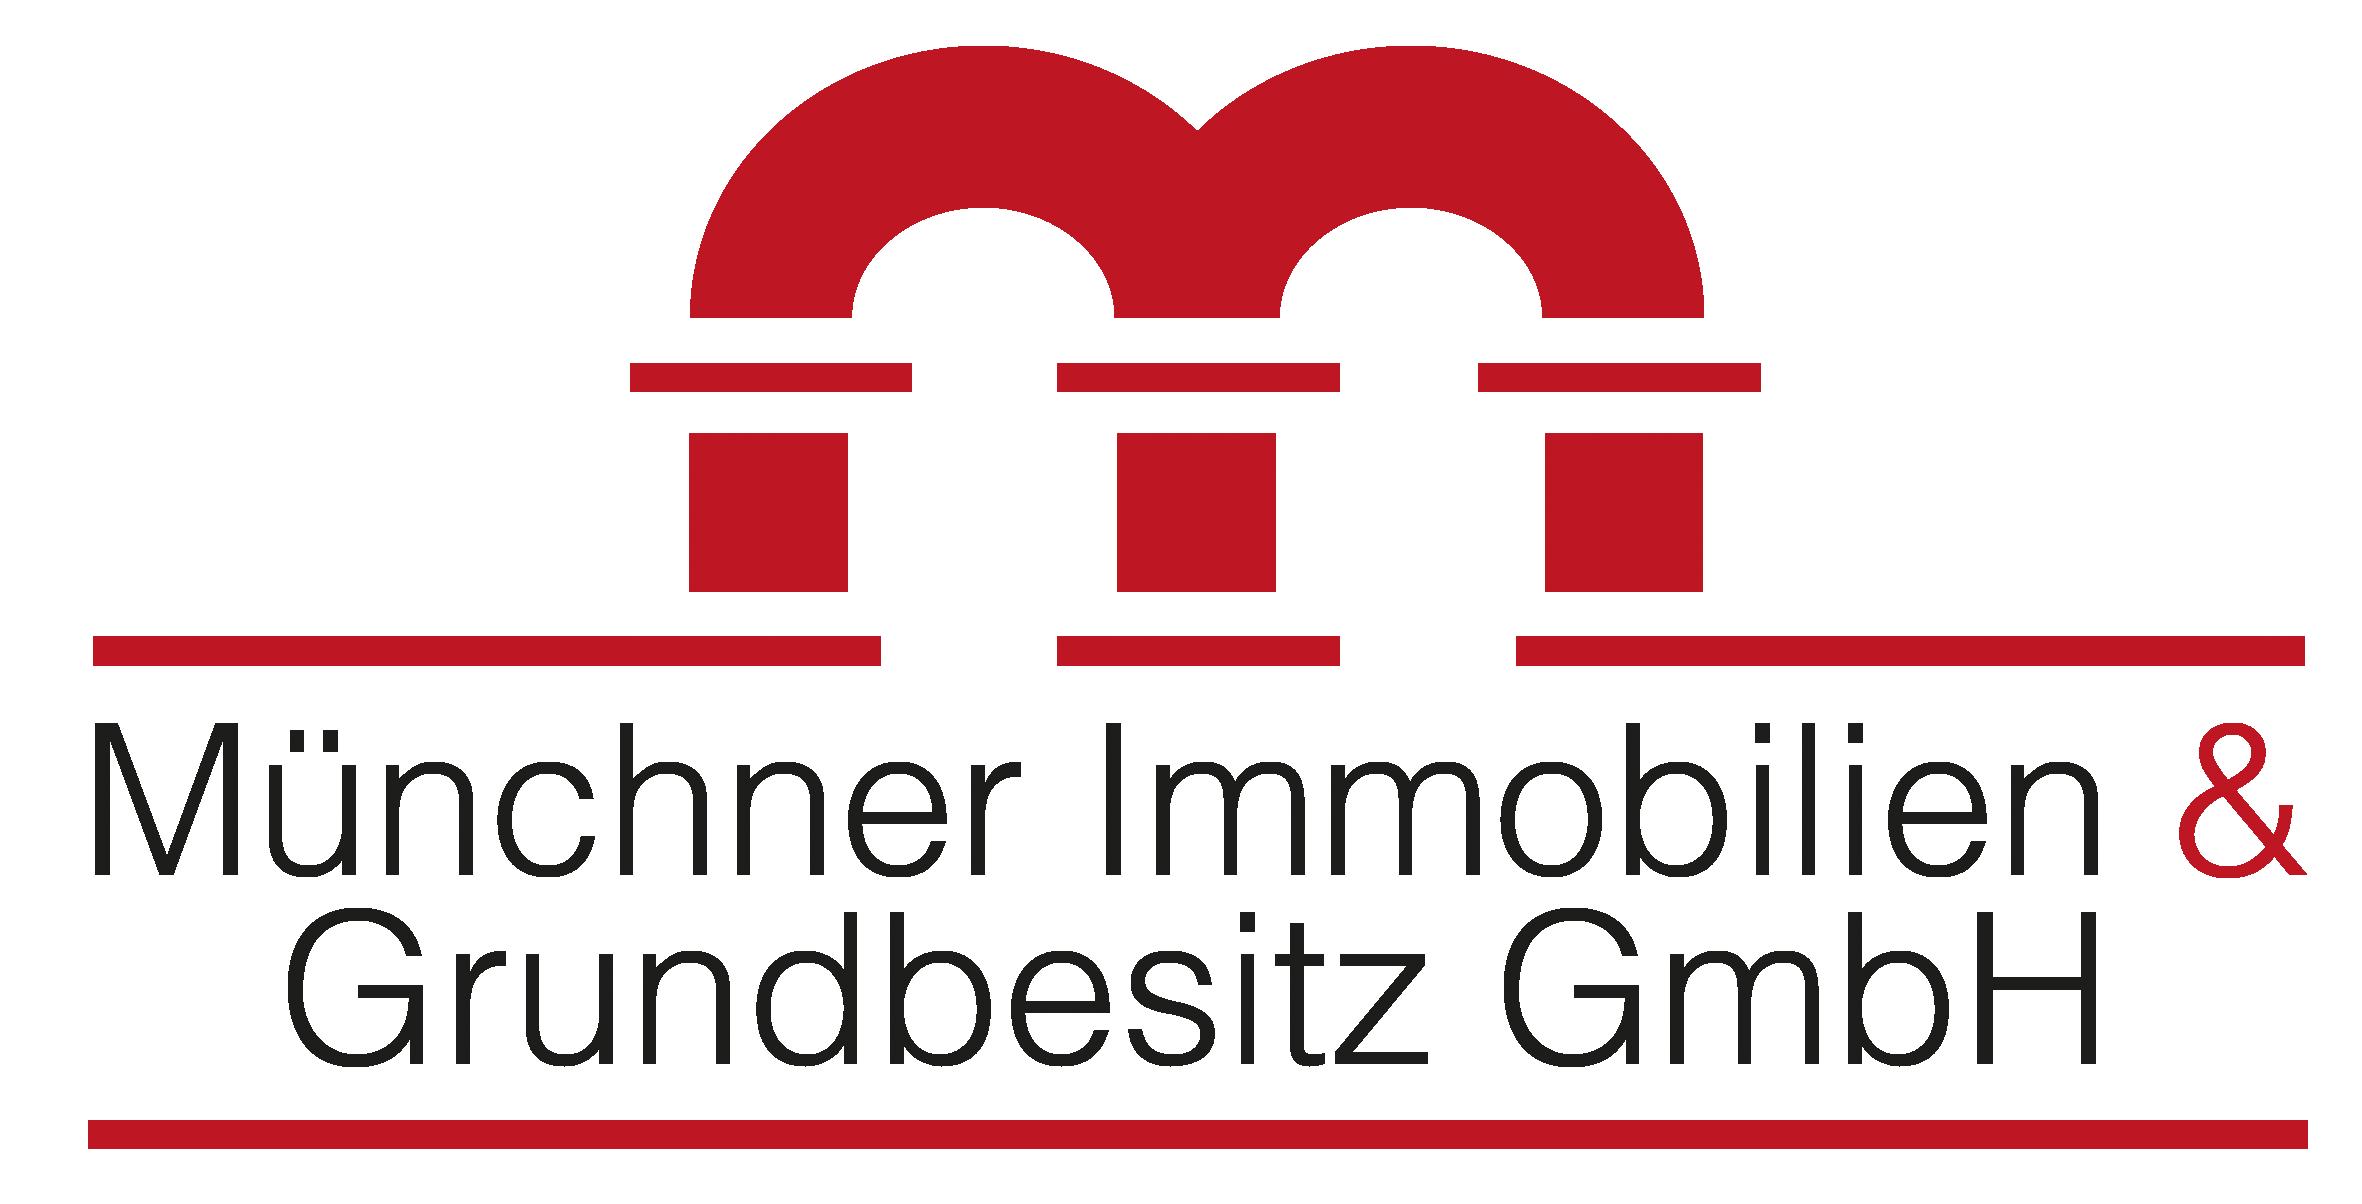 Münchner Immobilien & Grundbesitz GmbH